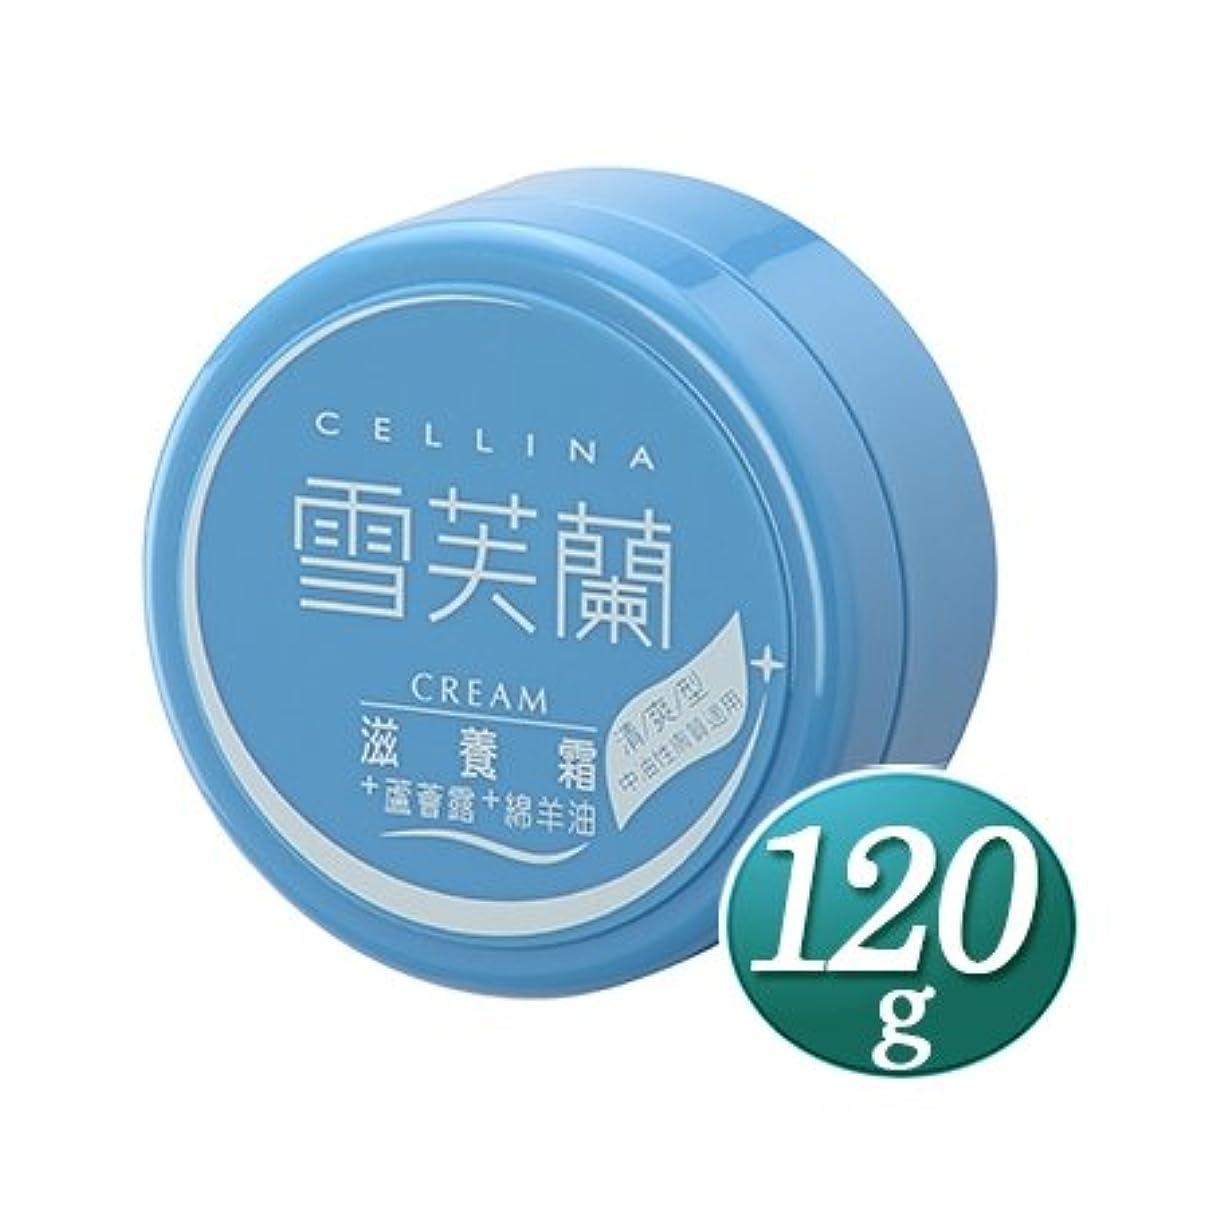 《盛香堂》 雪芙蘭 滋養霜-清爽型 120g (スキンクリーム?全身用-爽やかタイプ) 《台湾 お土産》 [並行輸入品]